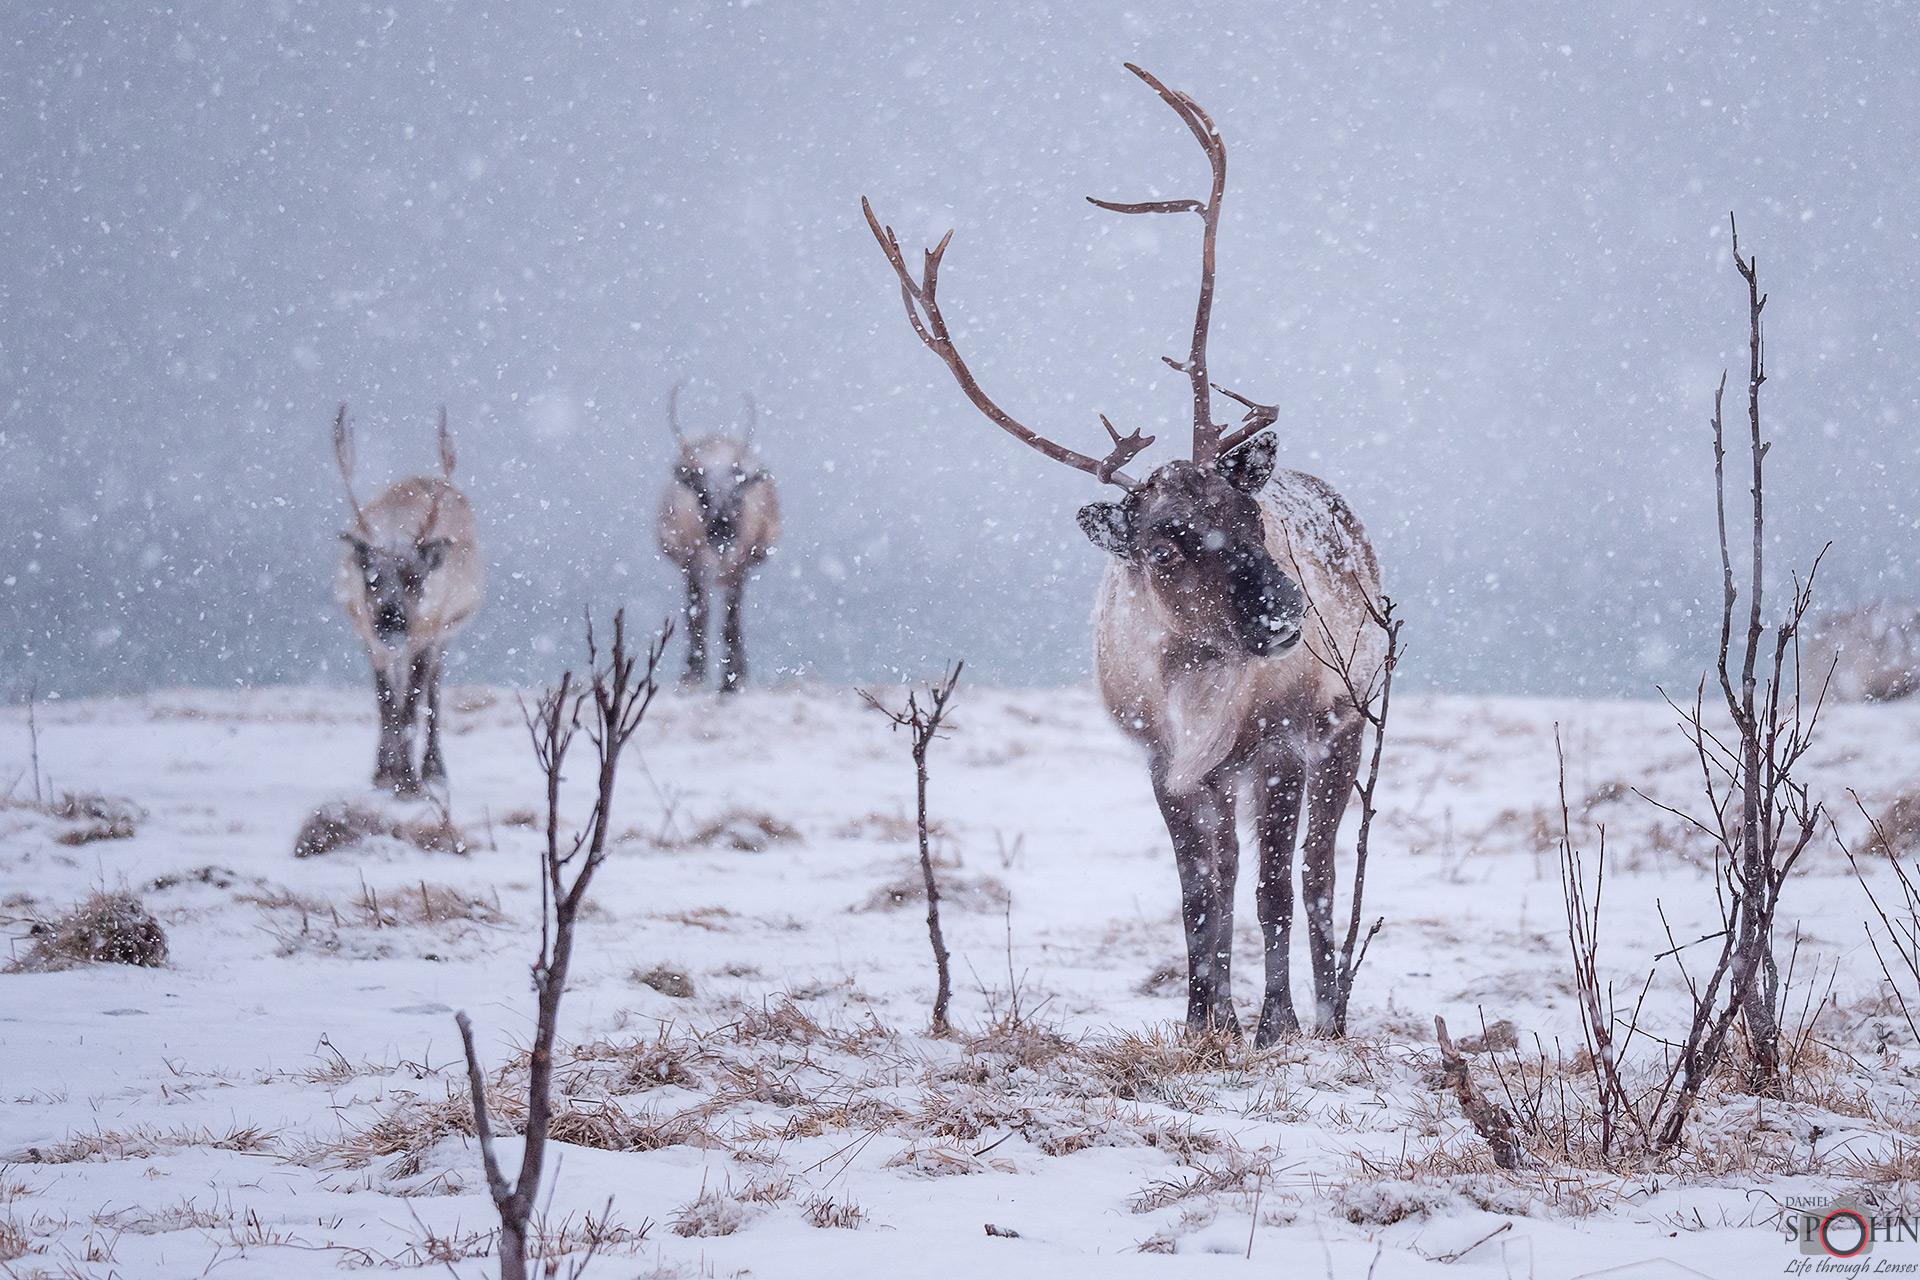 Rentier-Norwegen-Winter-Schnee